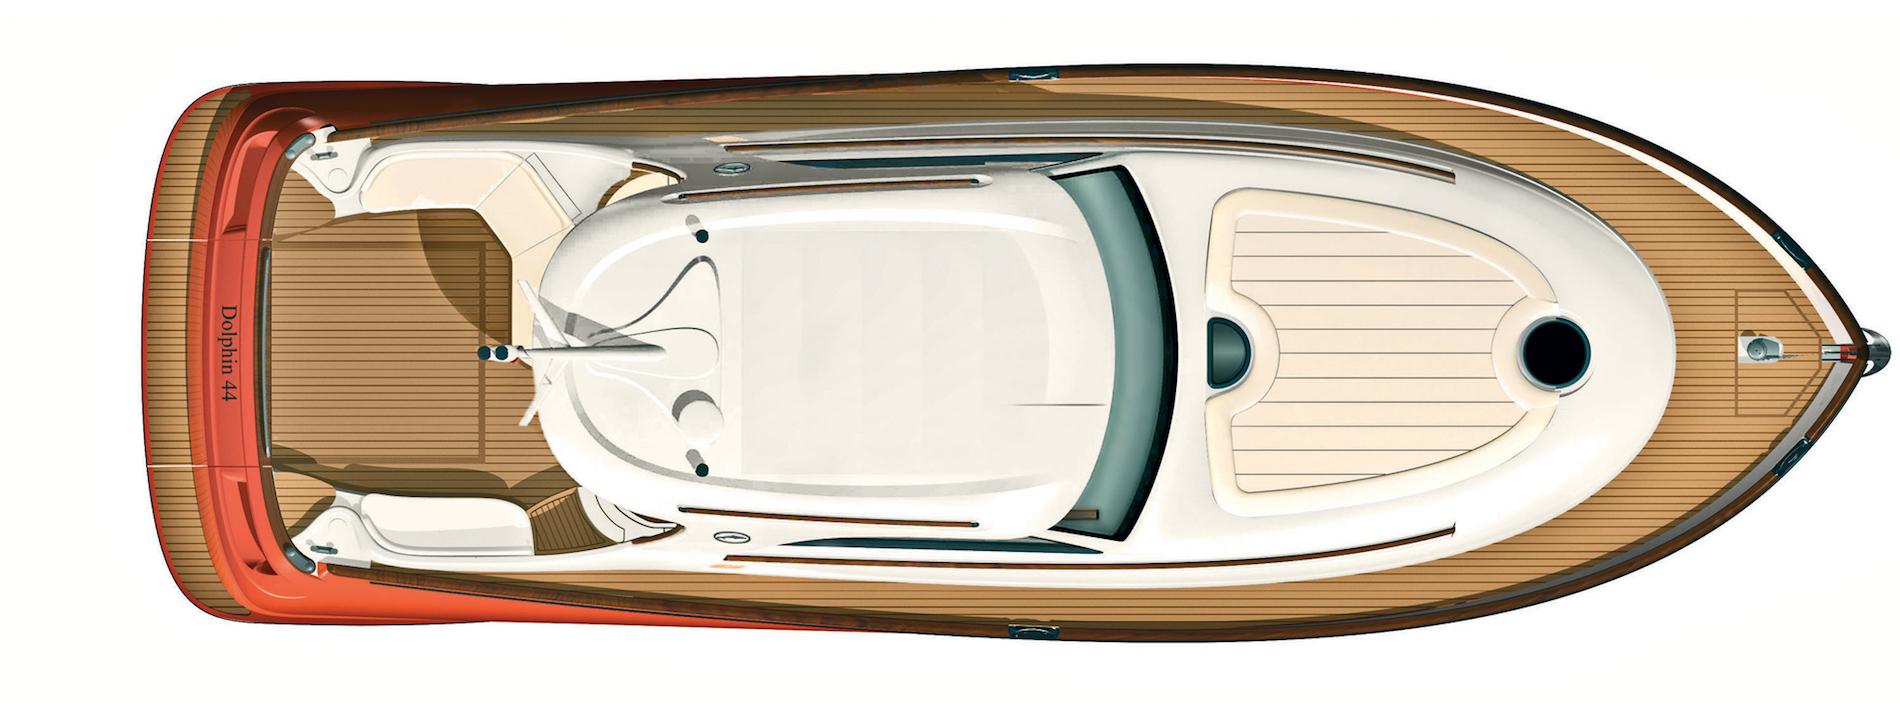 Mochi Craft Dolphin 44' Diseño (img-1)